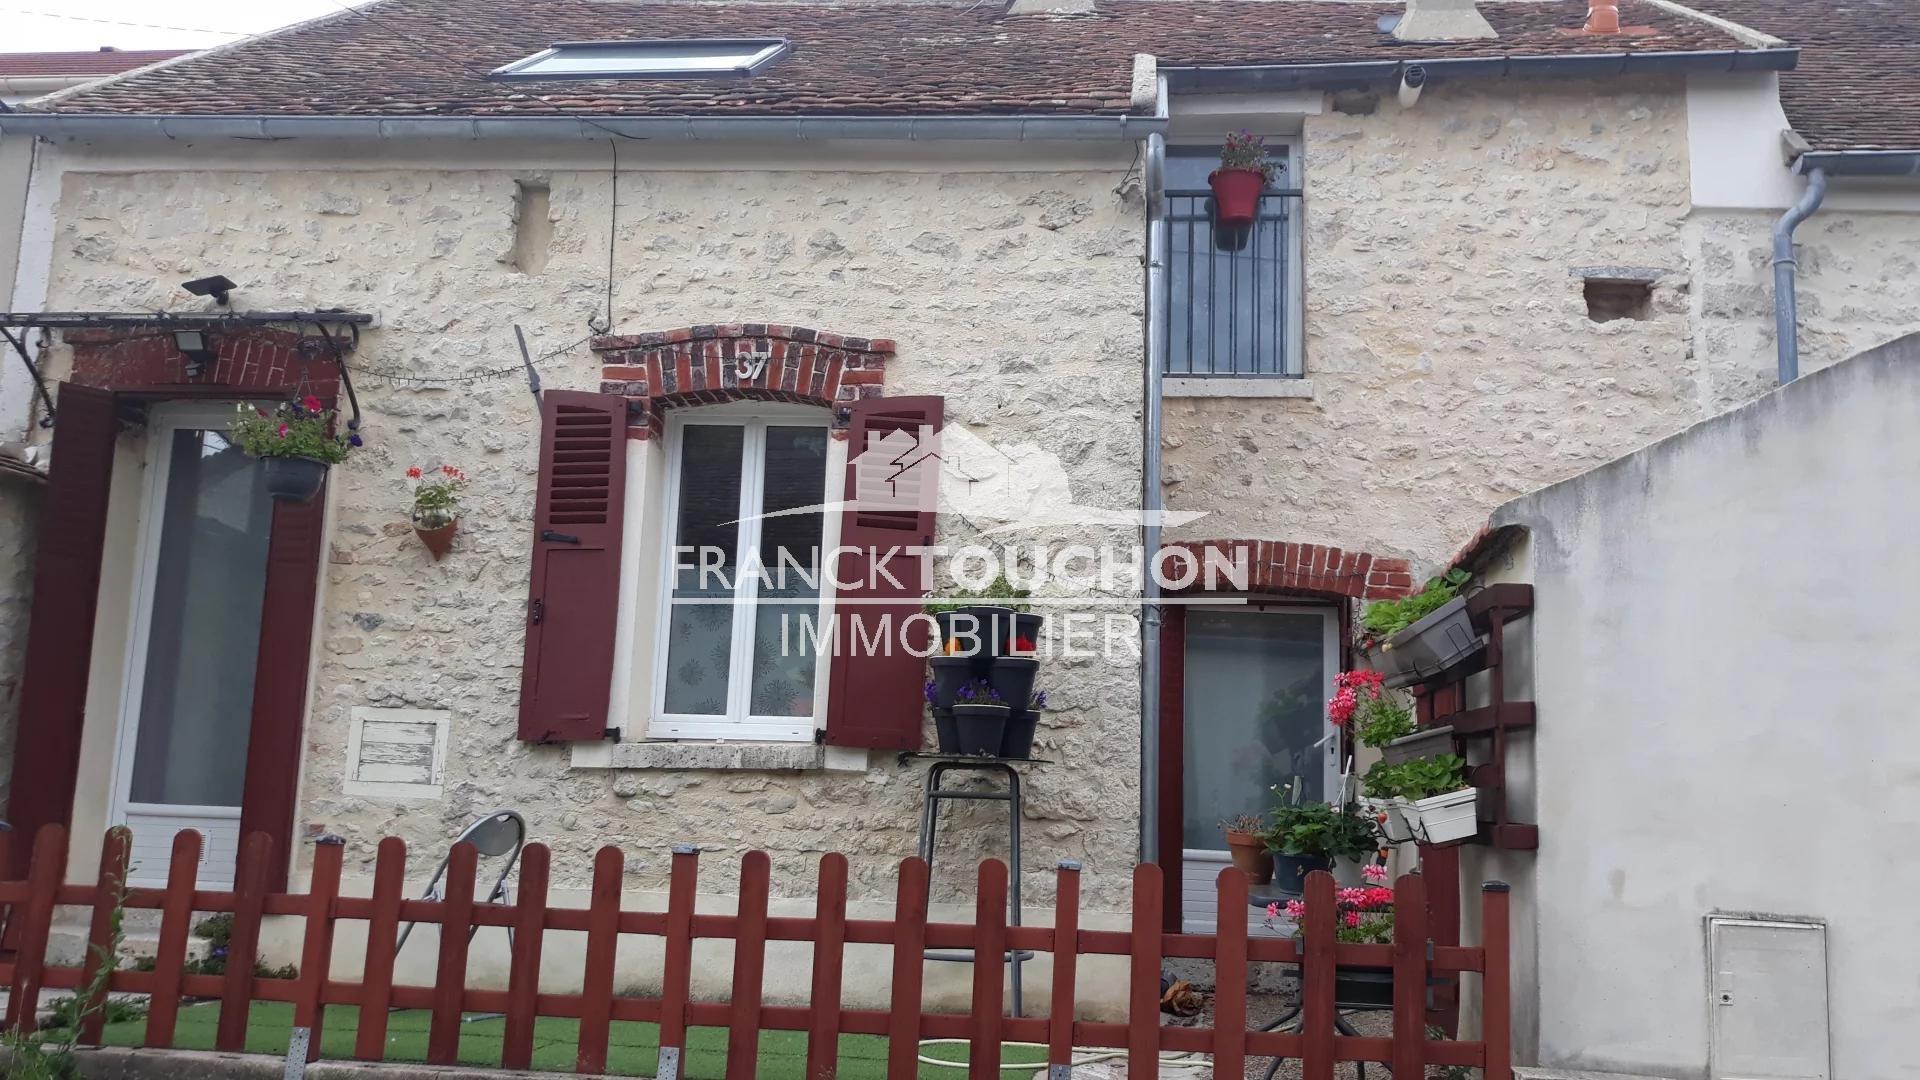 MAISON à SOUPPES S/LOING (77460) à 1h de PARIS - 5 min de la GARE SNCF - chambres - jardin - terrasse